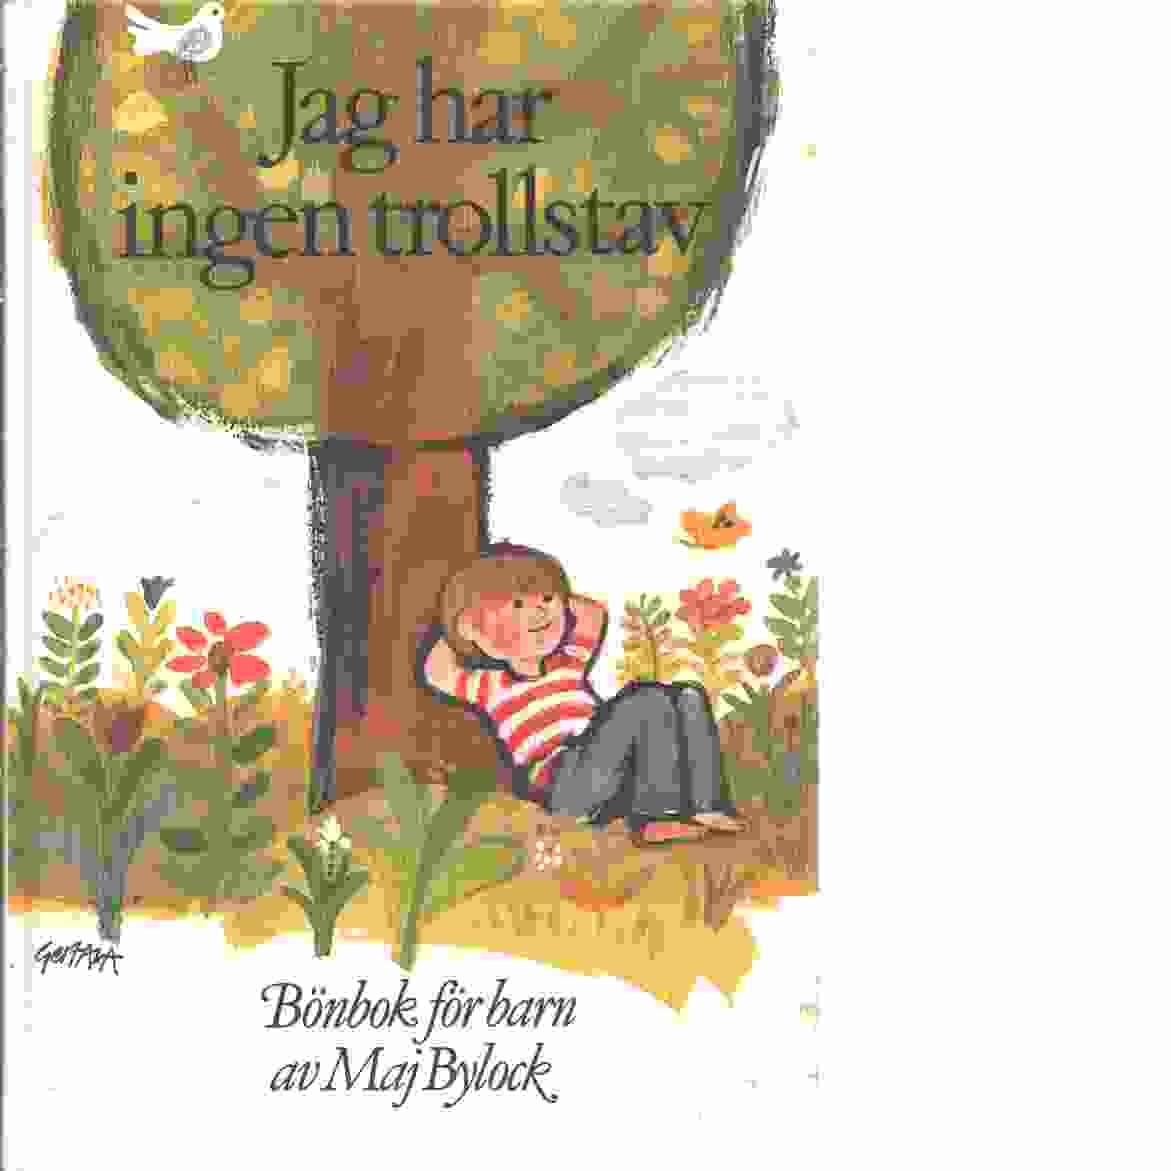 Jag har ingen trollstav : bönbok för barn - Bylock, Maj